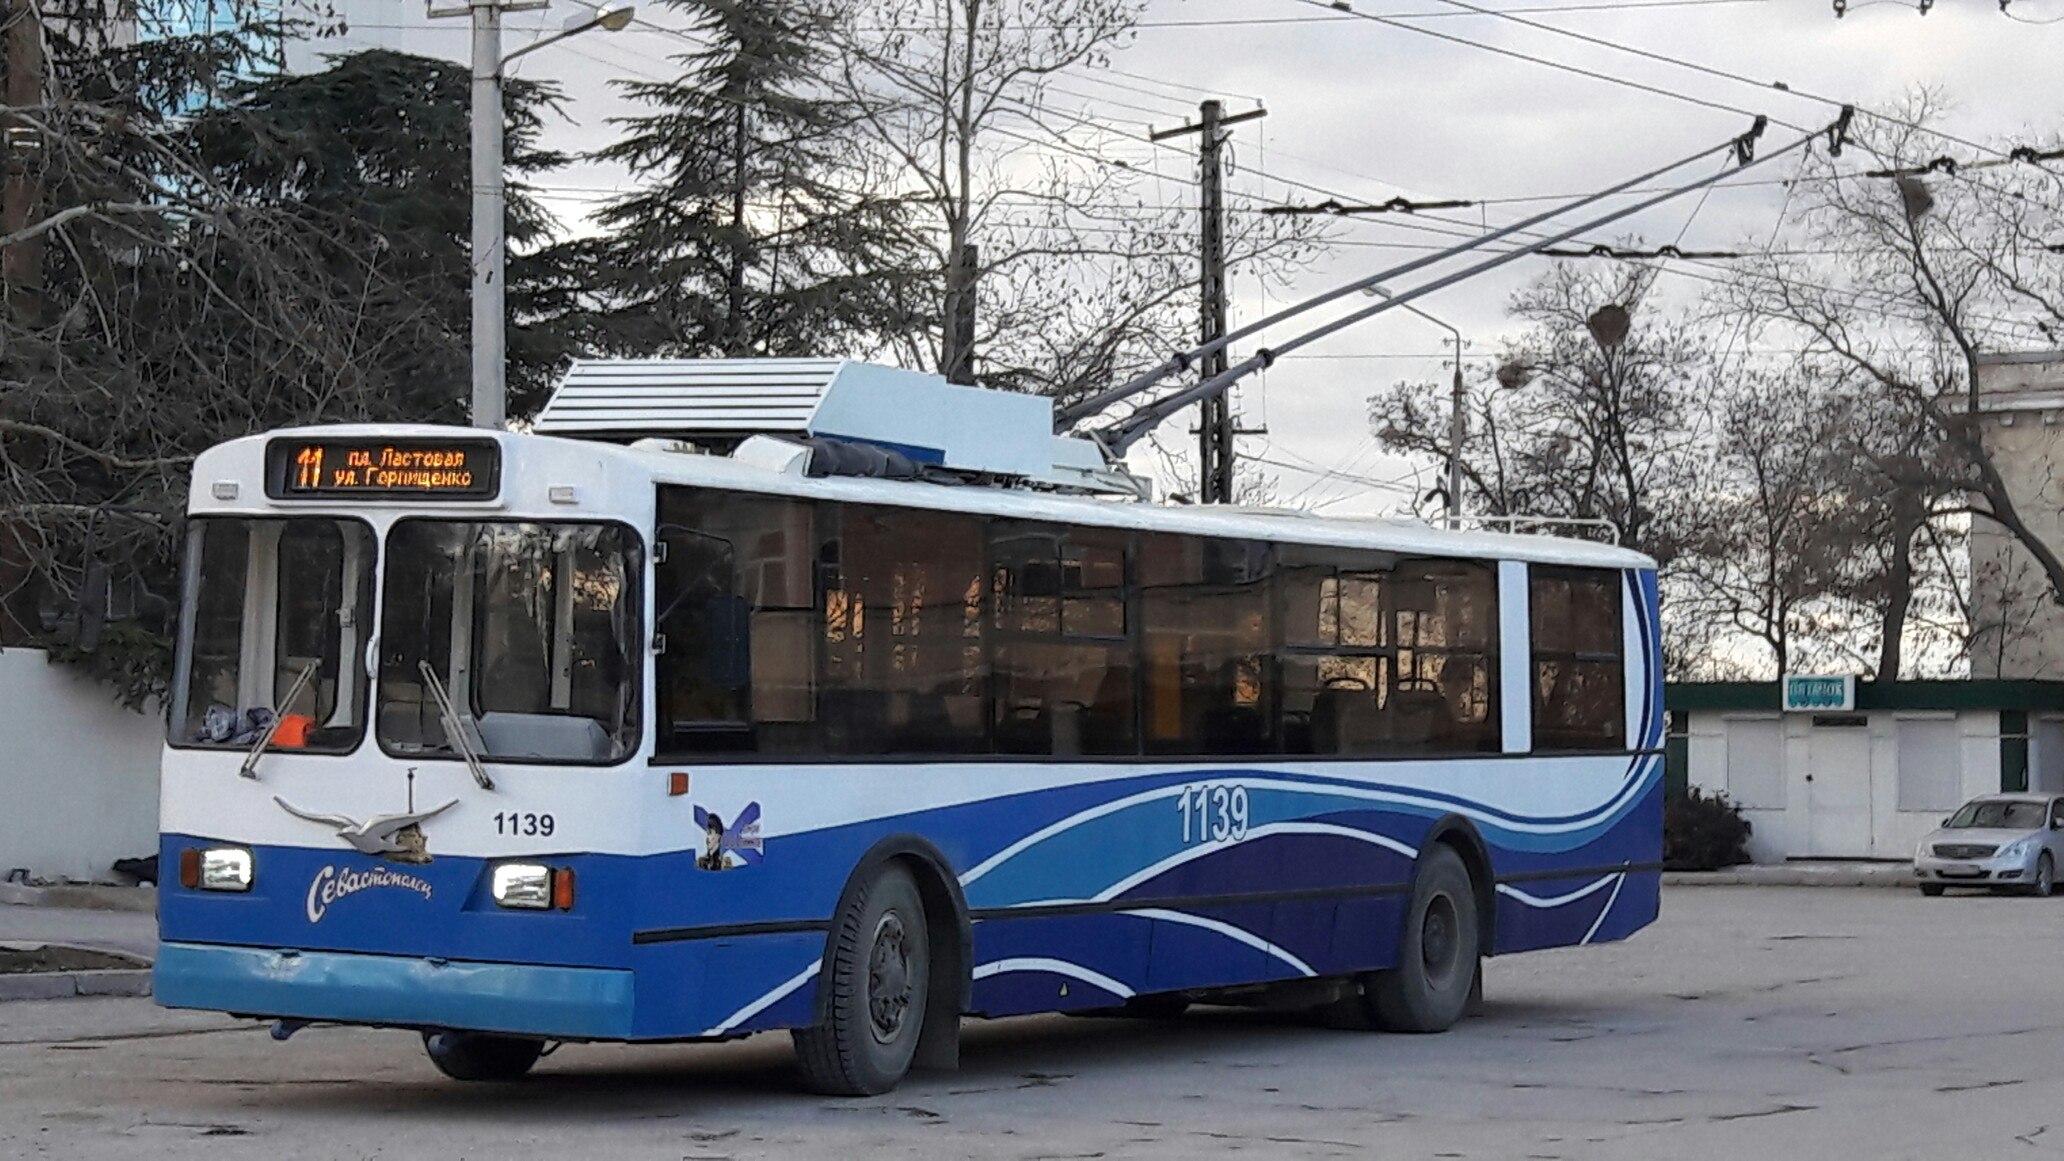 Расписание троллейбусного маршрута №11 «Площадь Ластовая -площадь Ушакова»